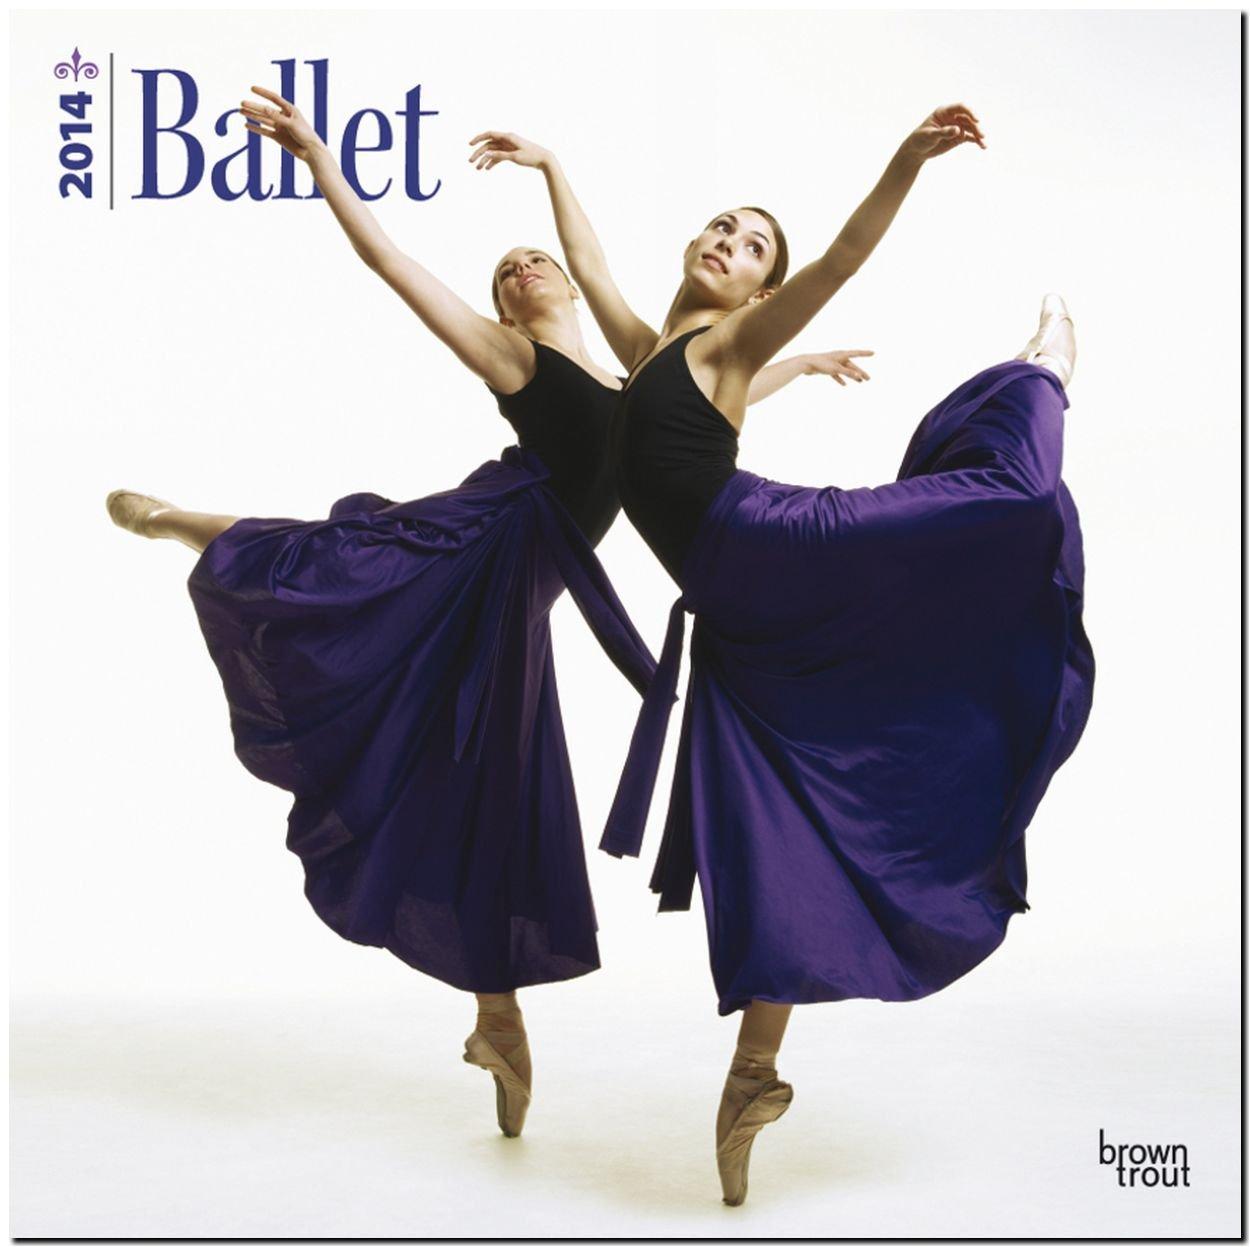 Ballet 2014 - Ballett: Original BrownTrout-Kalender [Mehrsprachig] [Kalender]